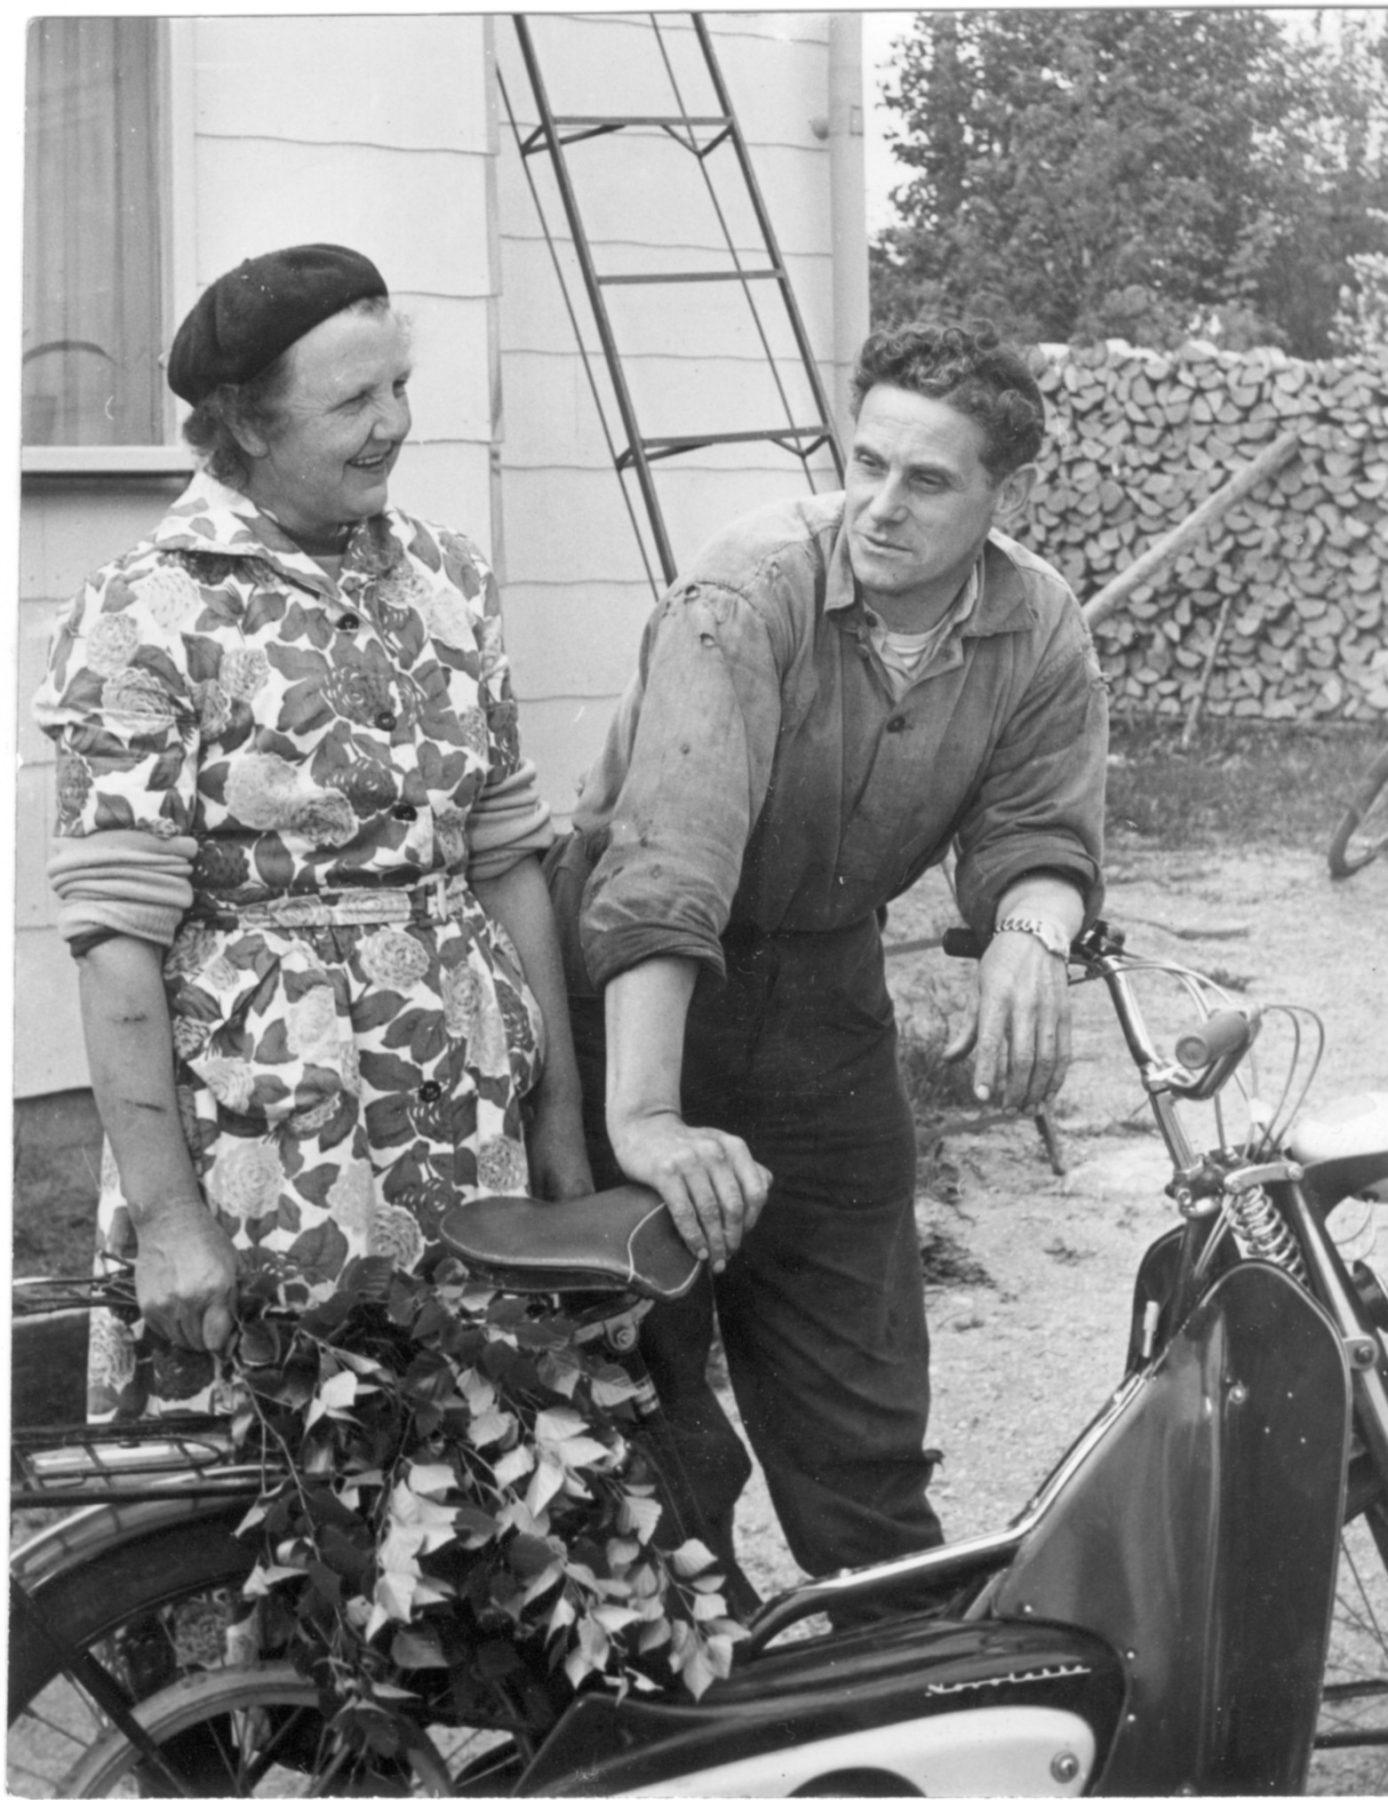 Man och kvinna vid moped